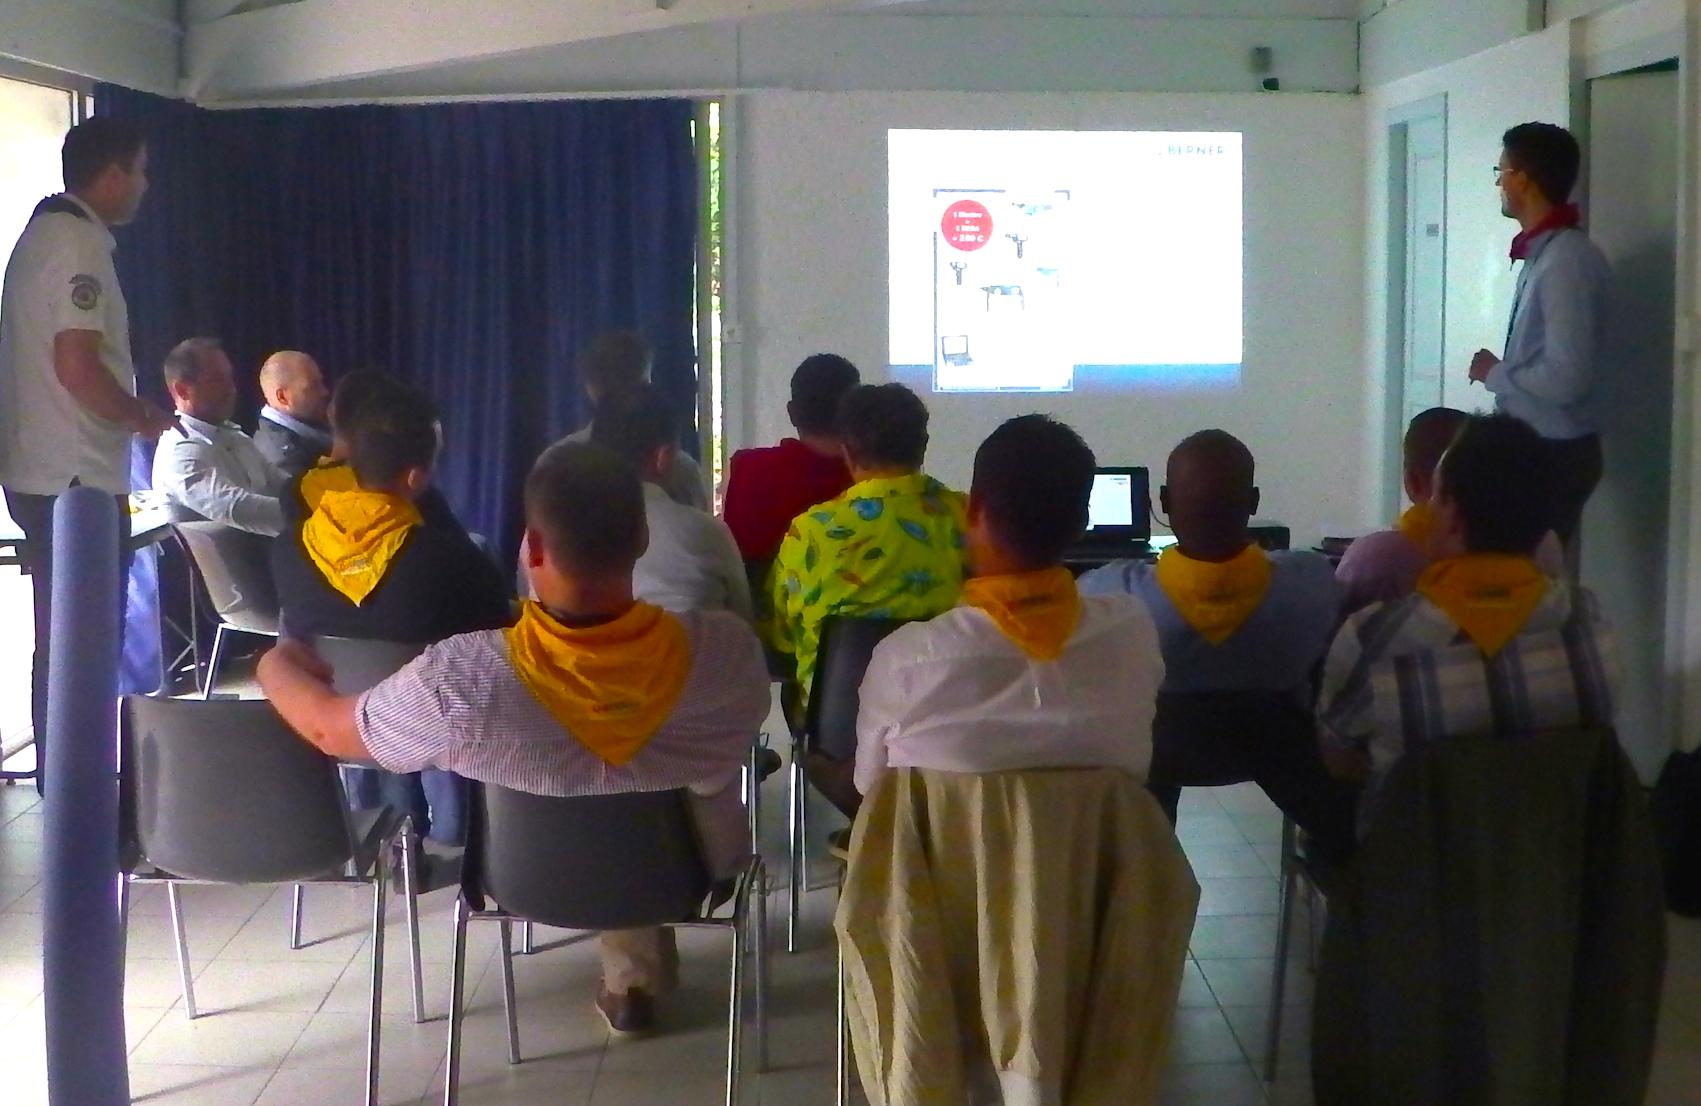 seminaire-commercial-sud-ouest-pays-basque-le-cercle-evenements-agence-evenementielle-8